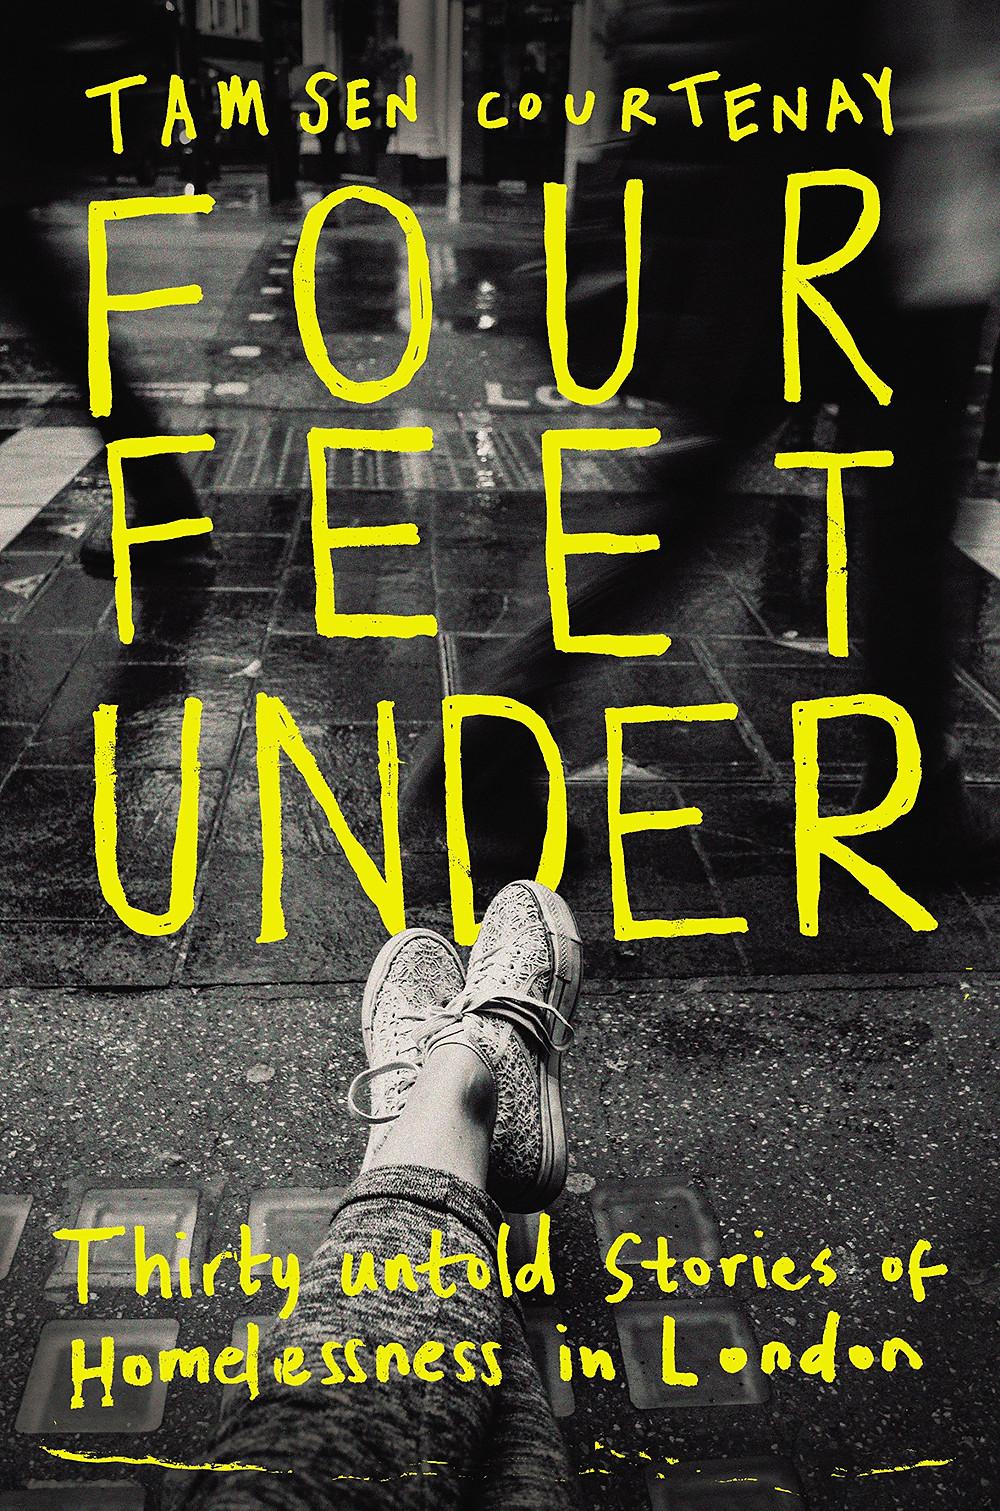 Four feet under by Tamsen Courtenay